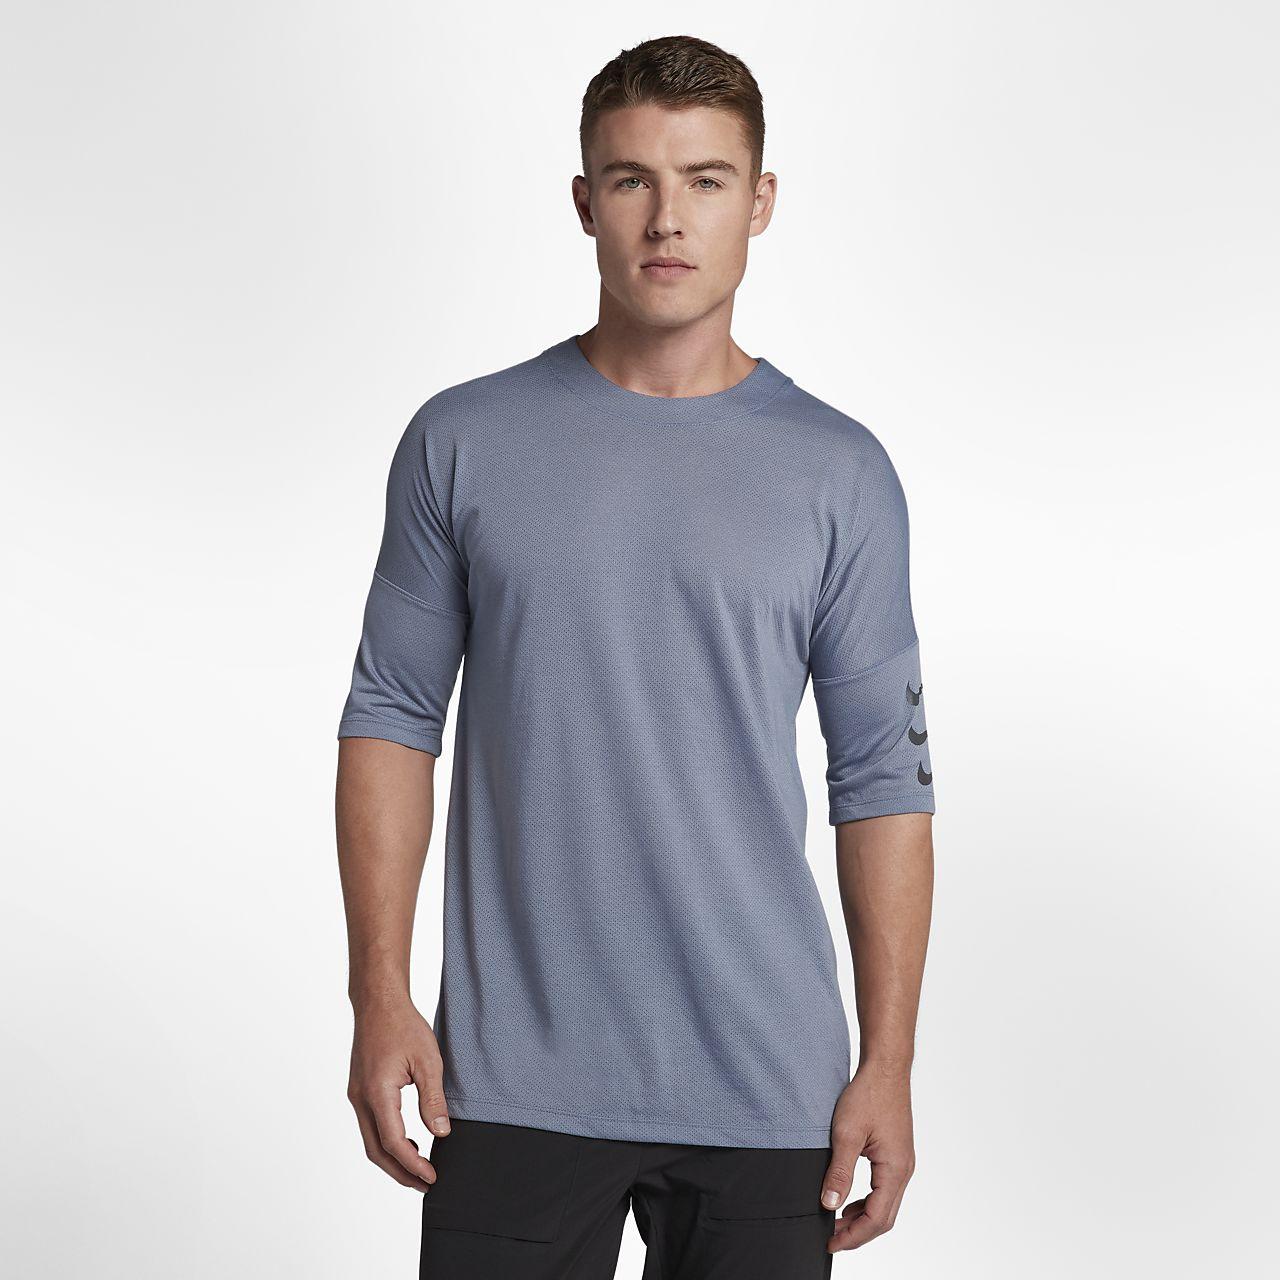 เสื้อวิ่งแขนสองส่วนผู้ชาย Nike Rise 365